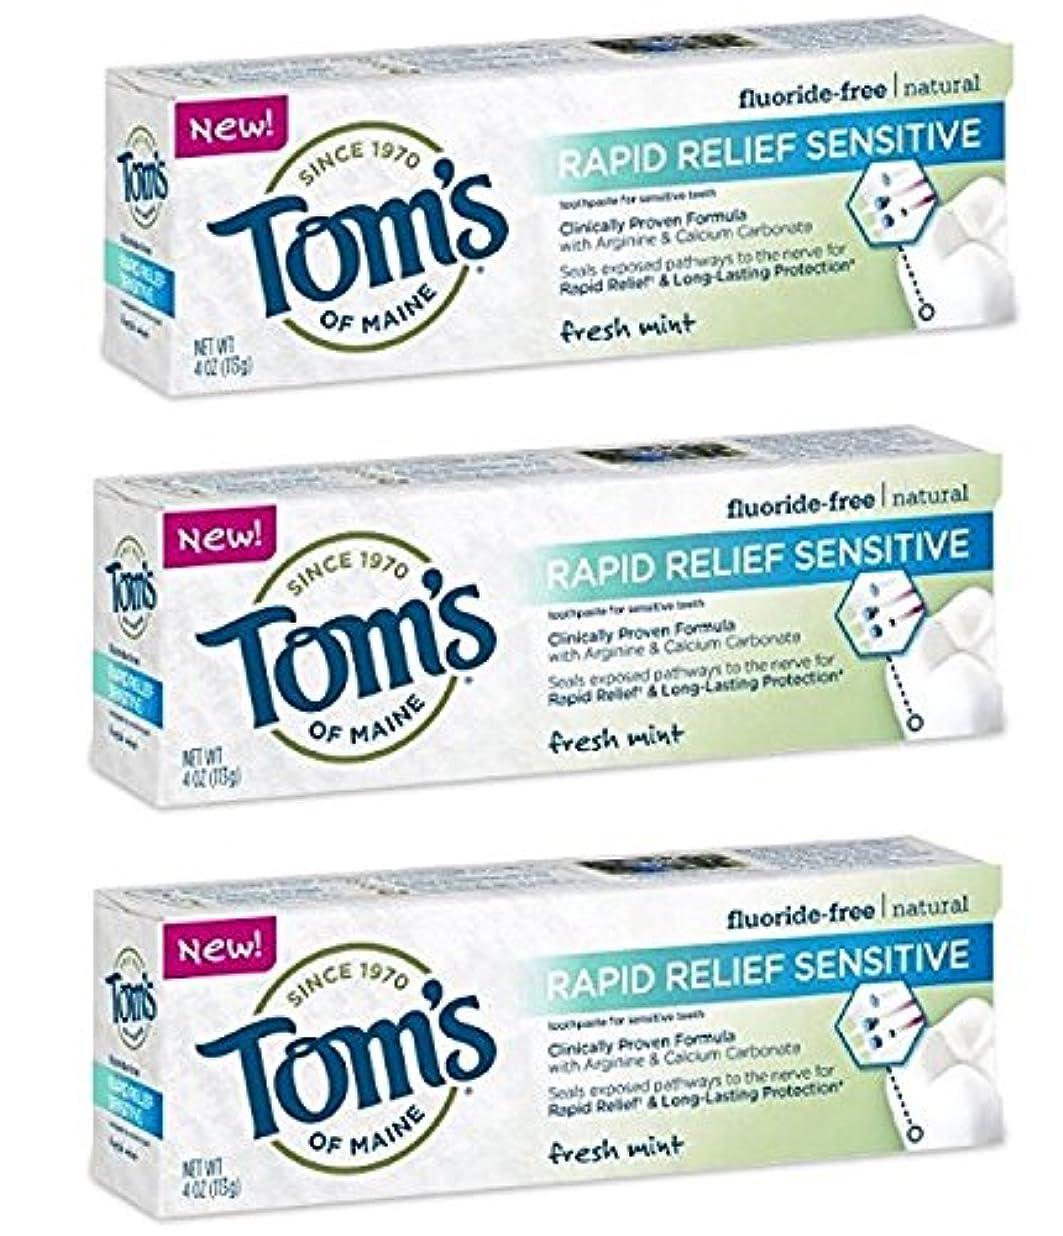 きょうだいスチュワードアリスTom's of Maine Rapid Relief Sensitive Natural Toothpaste 4 oz Fresh Mint by KT Travel